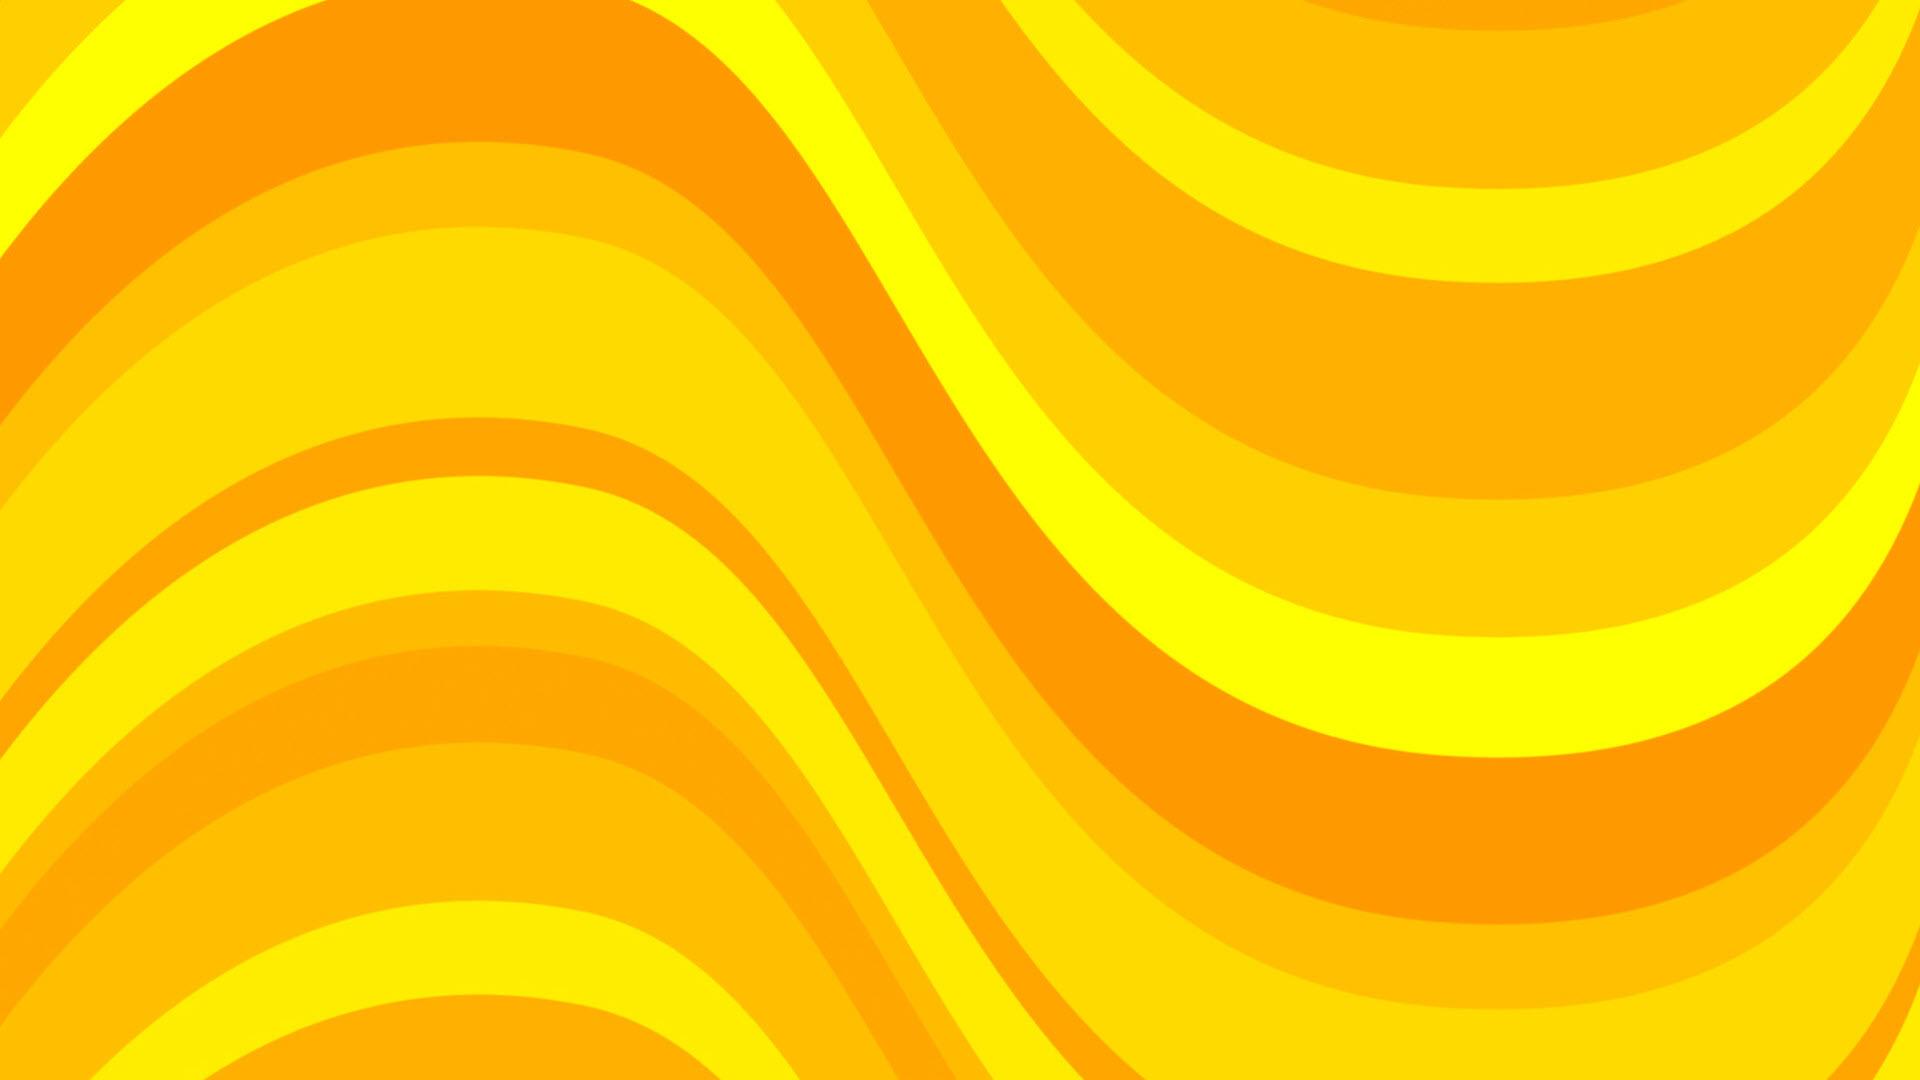 Hình nền màu vàng uốn lượn sóng